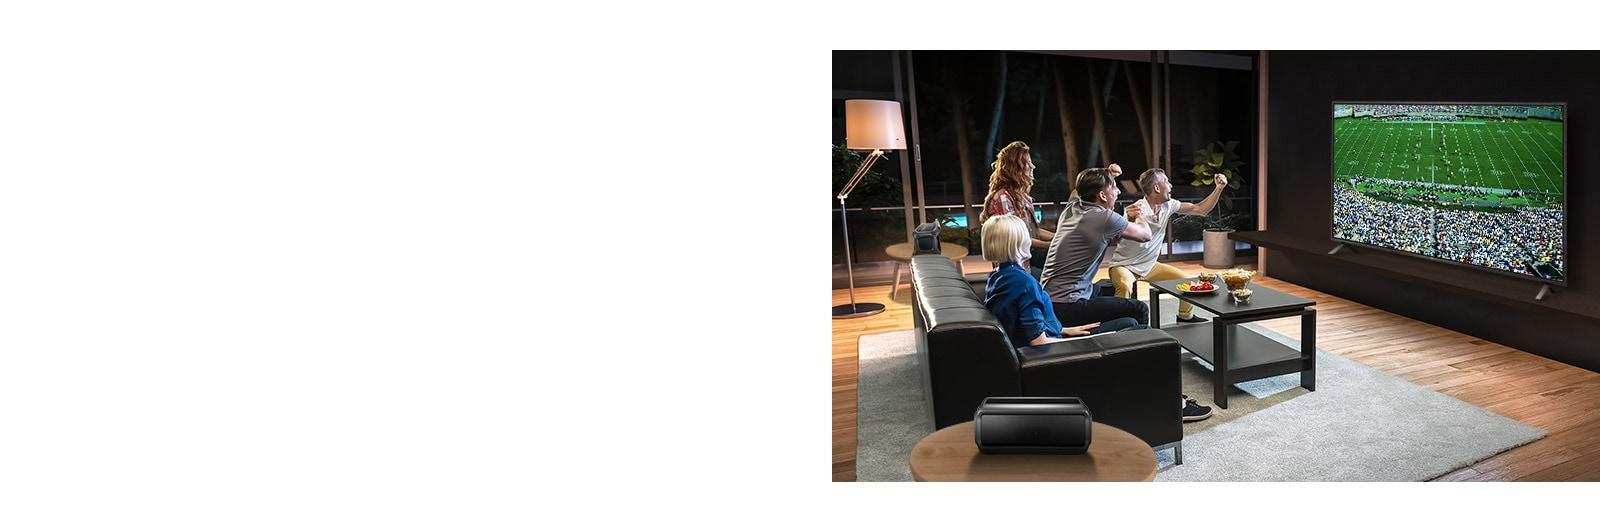 Μια παρέα παρακολουθεί αθλητικά παιχνίδια στην τηλεόραση στο σαλόνι, με τα ηχεία Bluetooth πίσω τους.